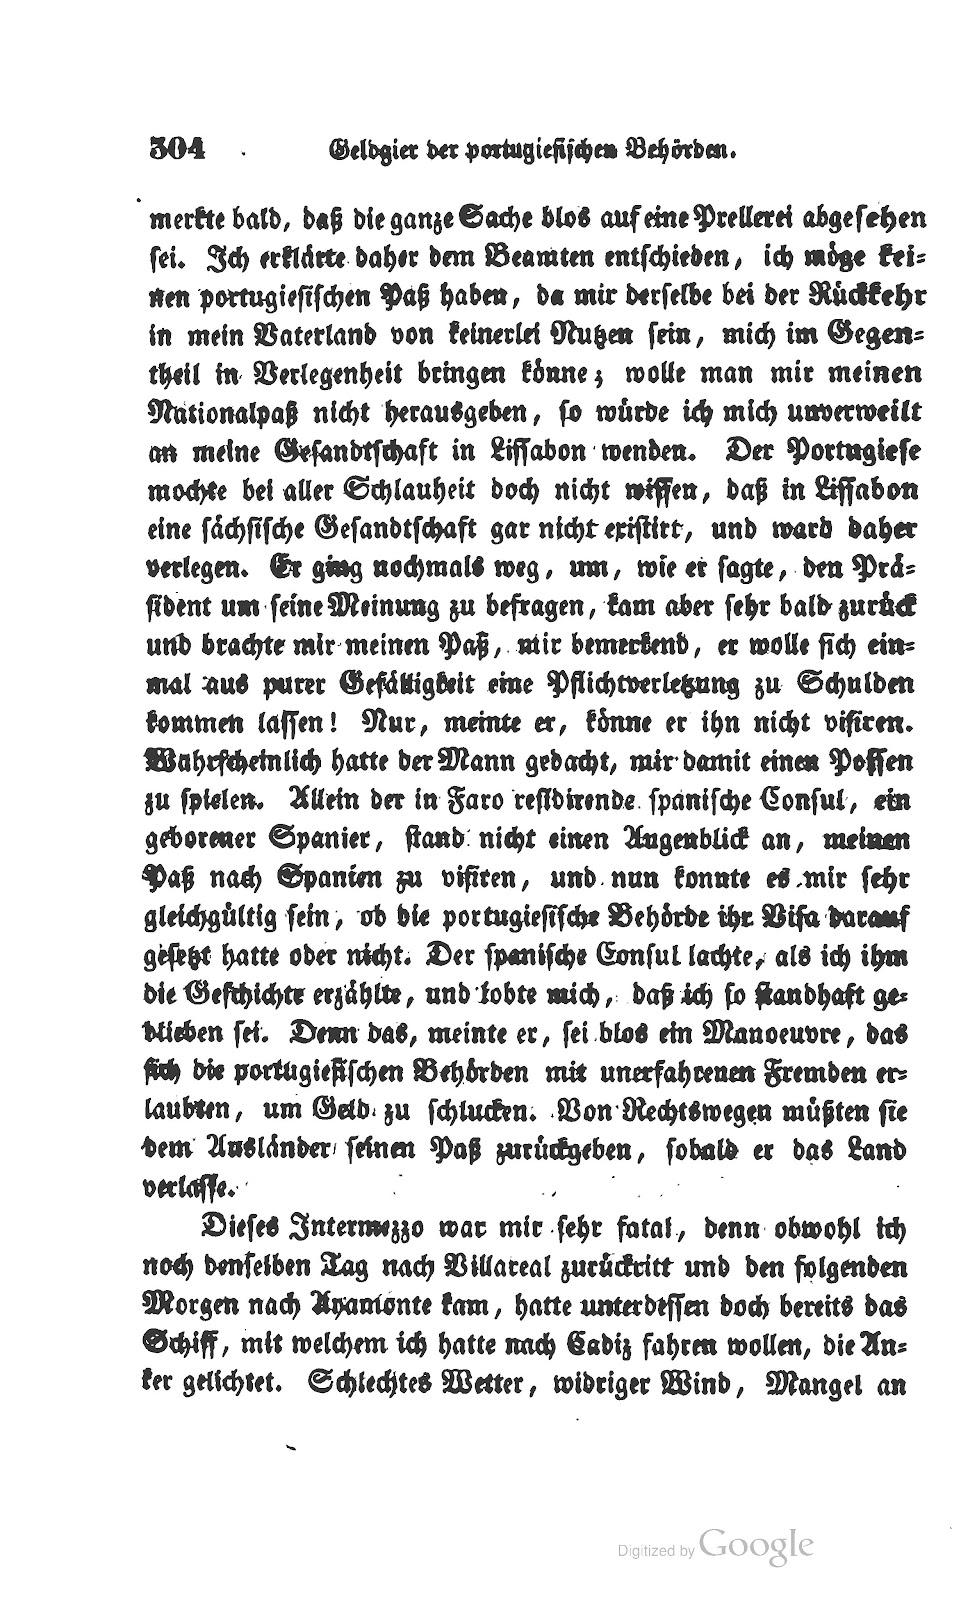 WIllkomm - 10. Kapitel Pages from Zwei_Jahre_in_Spanien_und_Portugal(3)_Page_46.jpg